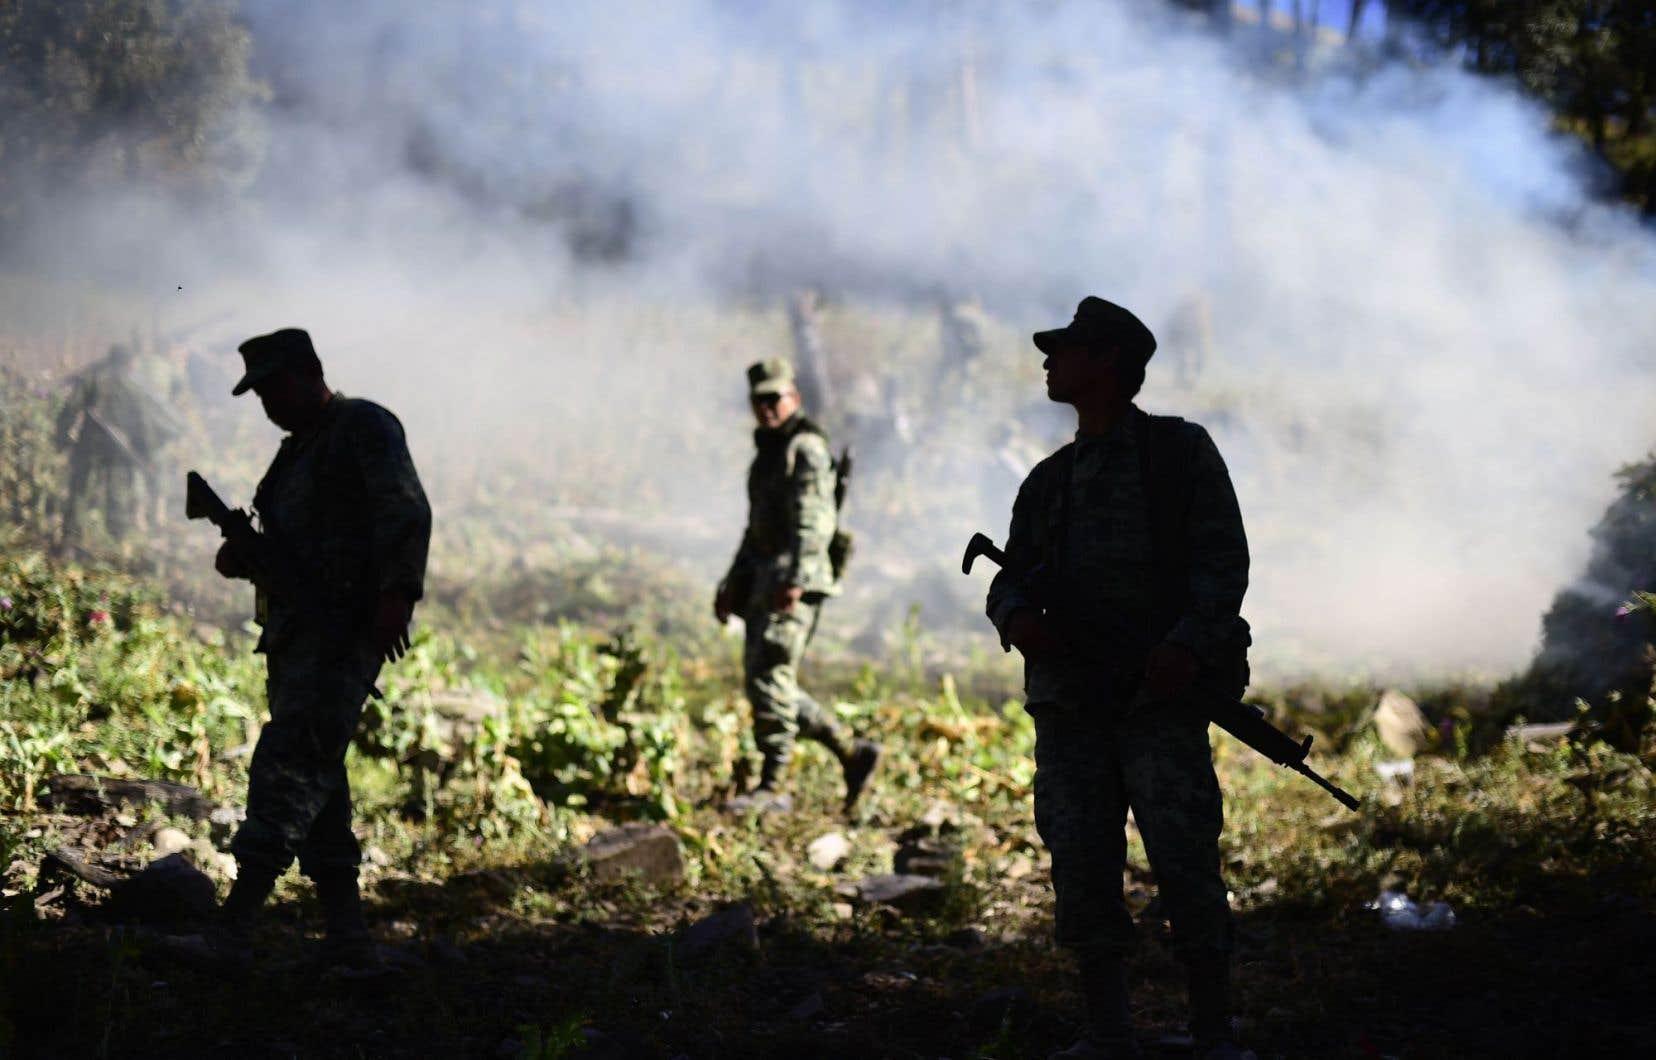 <p>Des soldats mexicains brûlent un champ de pavot dans l'État de Sinaloa dans le cadre de la lutte de l'armée contre la production d'opium, grandissante au pays.</p>